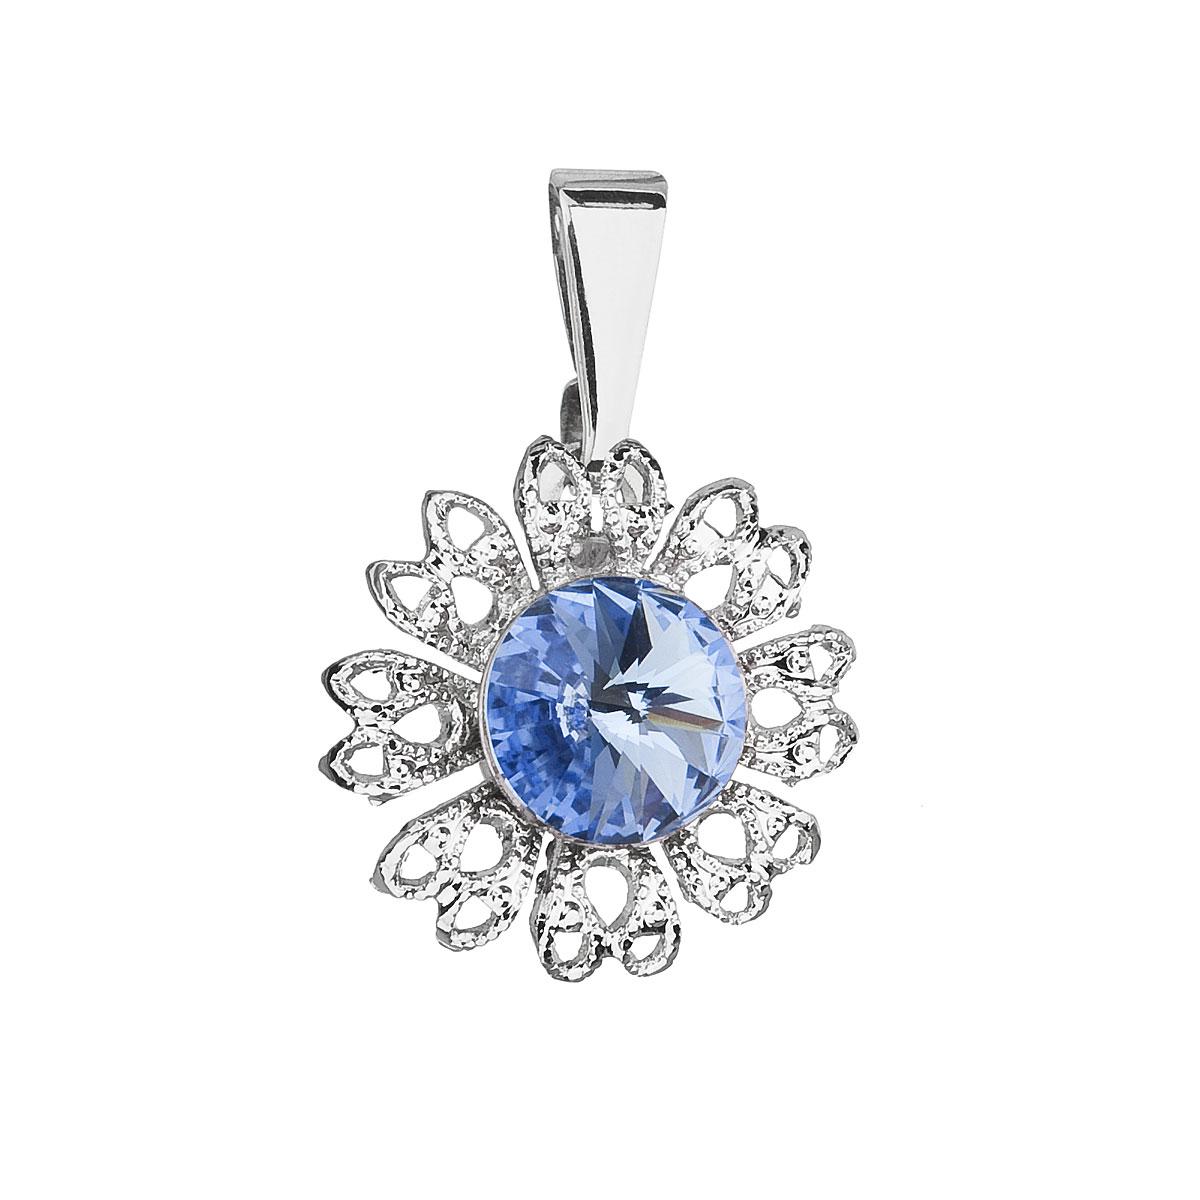 Evolution Group Přívěsek se Swarovski krystaly modrá kytička 54032.3 light sapphire